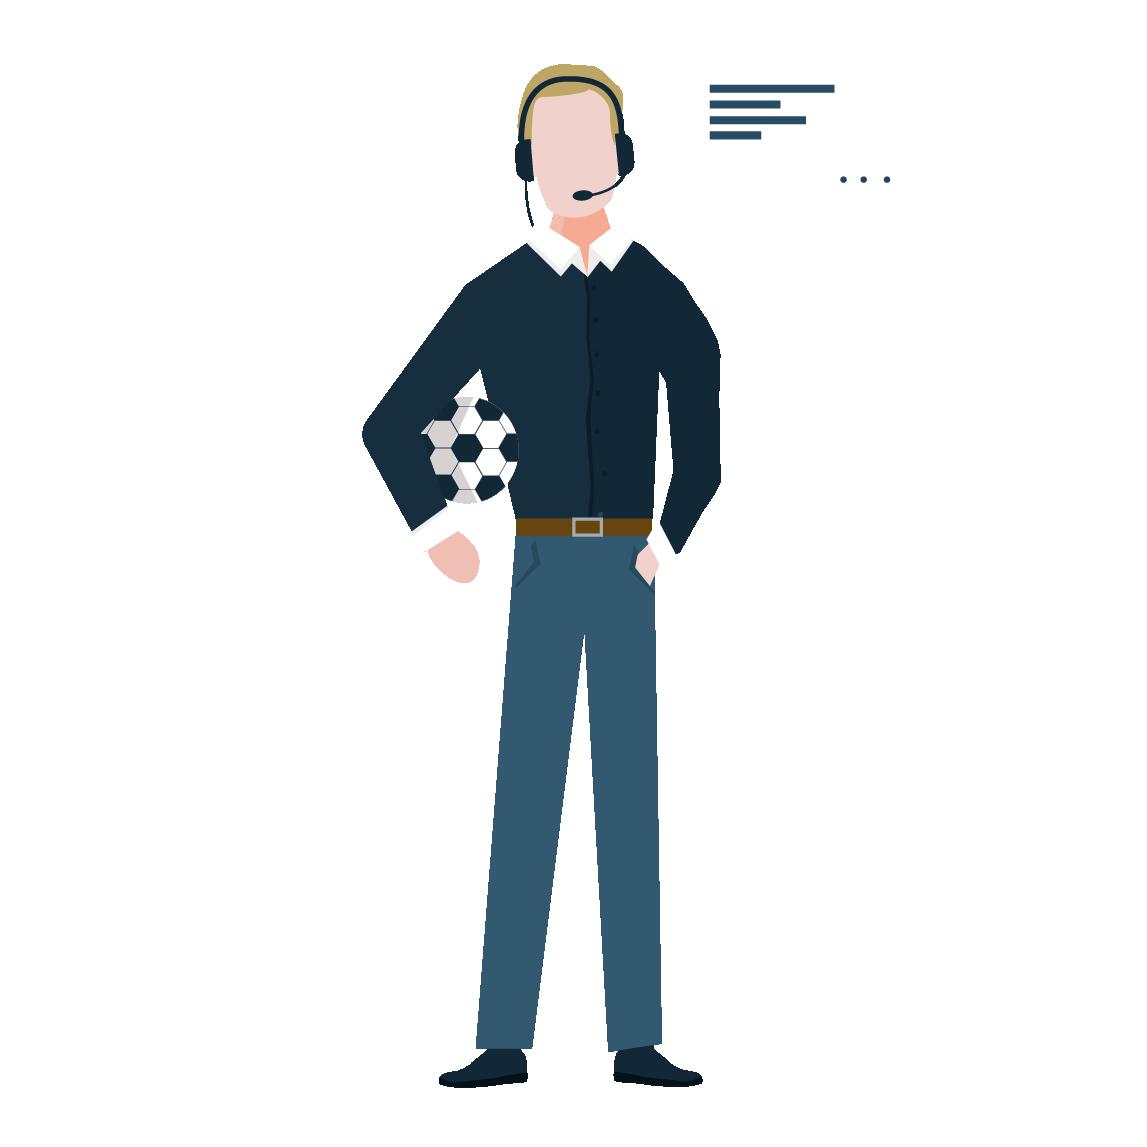 MADE-marketing-web-development-online-marketing-werknemers-illustraties_Mark-duijtshoff-met-mic